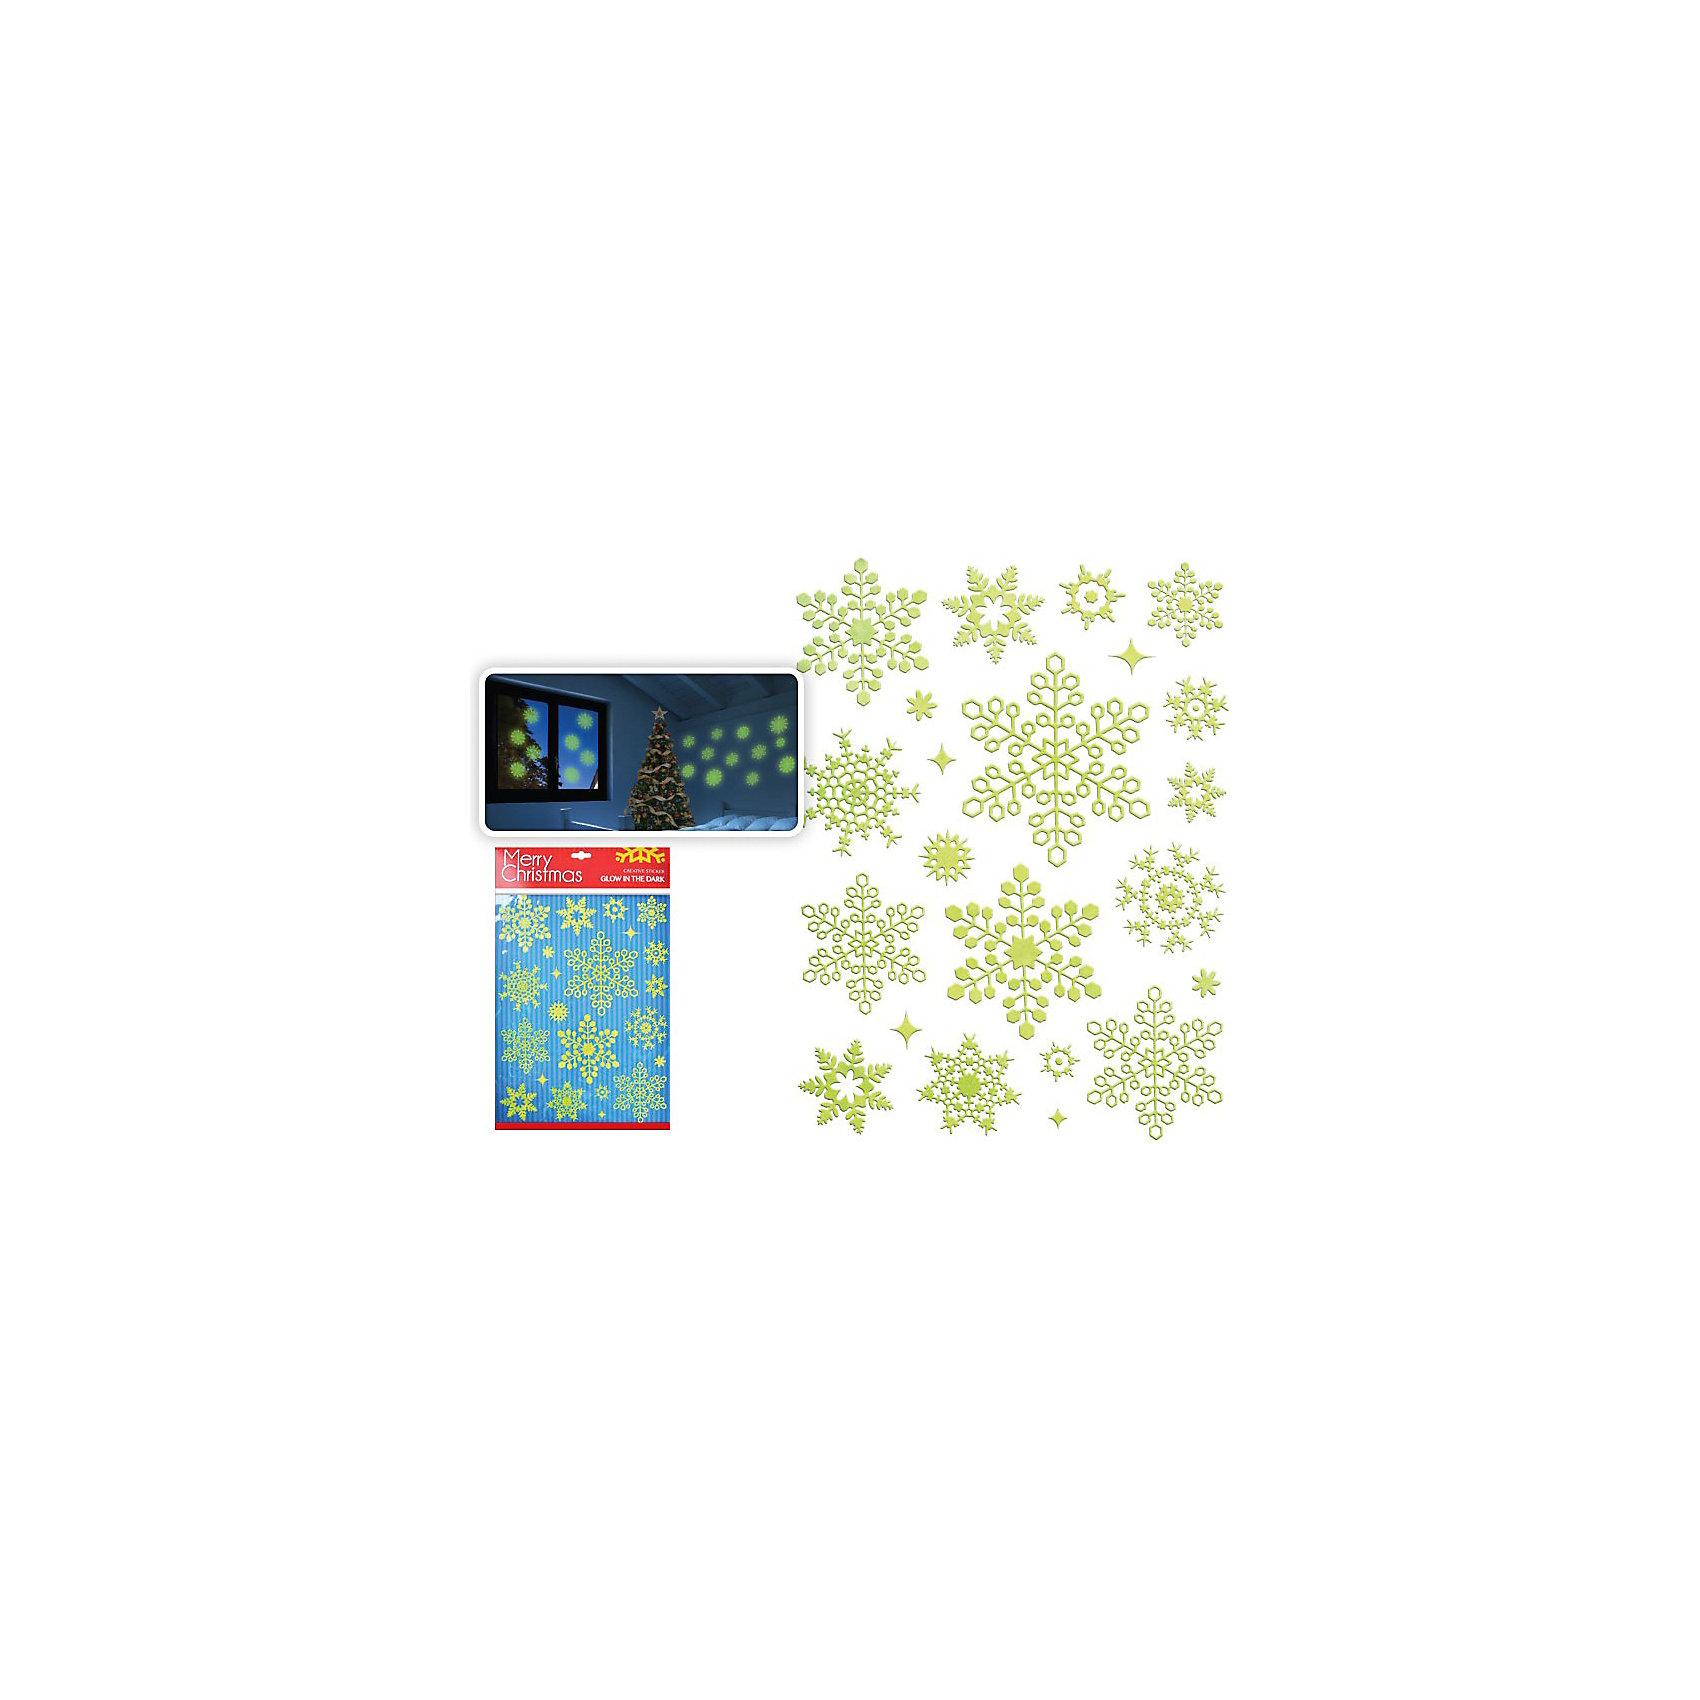 Интерьерные наклейки светящиеся в темноте Снежинки, TUKZARВсё для праздника<br>Интерьерные наклейки Снежинки, Tukzar (Тукзар) замечательно украсят Ваш интерьер и создадут праздничное новогоднее настроение. Наклейки выполнены в виде красивых ажурных снежинок, светятся в темноте.<br><br>Дополнительная информация:<br><br>- Размер: 48 х 30 см.<br>- Вес: 104 гр. <br><br>Интерьерные наклейки Снежинки, светящиеся в темноте, Tukzar (Тукзар) можно купить в нашем интернет-магазине.<br><br>Ширина мм: 480<br>Глубина мм: 300<br>Высота мм: 100<br>Вес г: 103<br>Возраст от месяцев: 36<br>Возраст до месяцев: 168<br>Пол: Унисекс<br>Возраст: Детский<br>SKU: 3875857